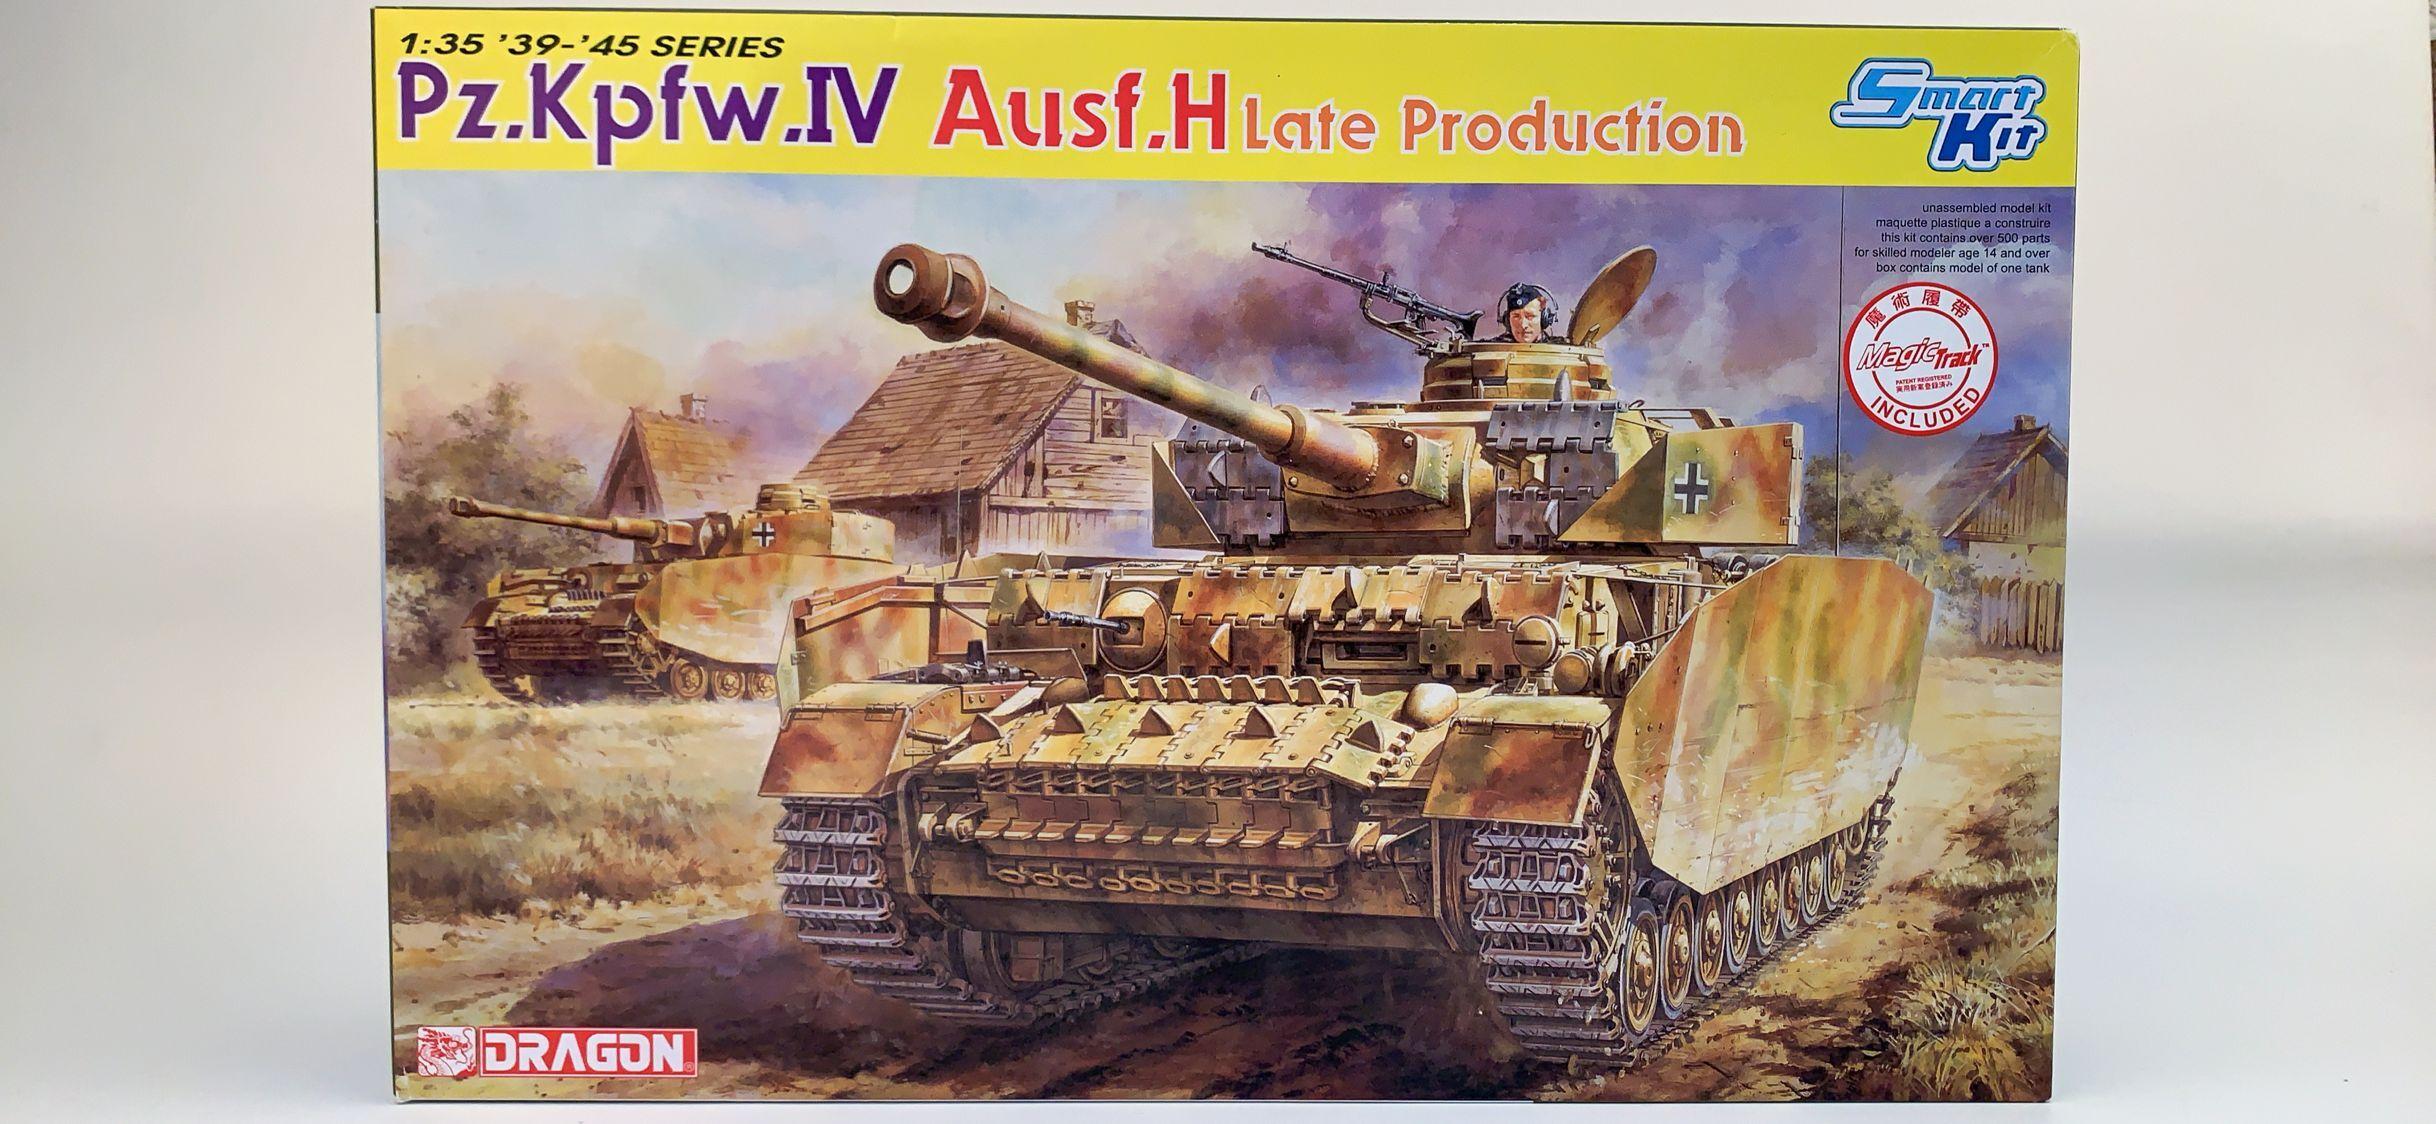 DRAGON 6300 1/35 Pz.Kpfw.IV Ausf.H Late Smart Kit